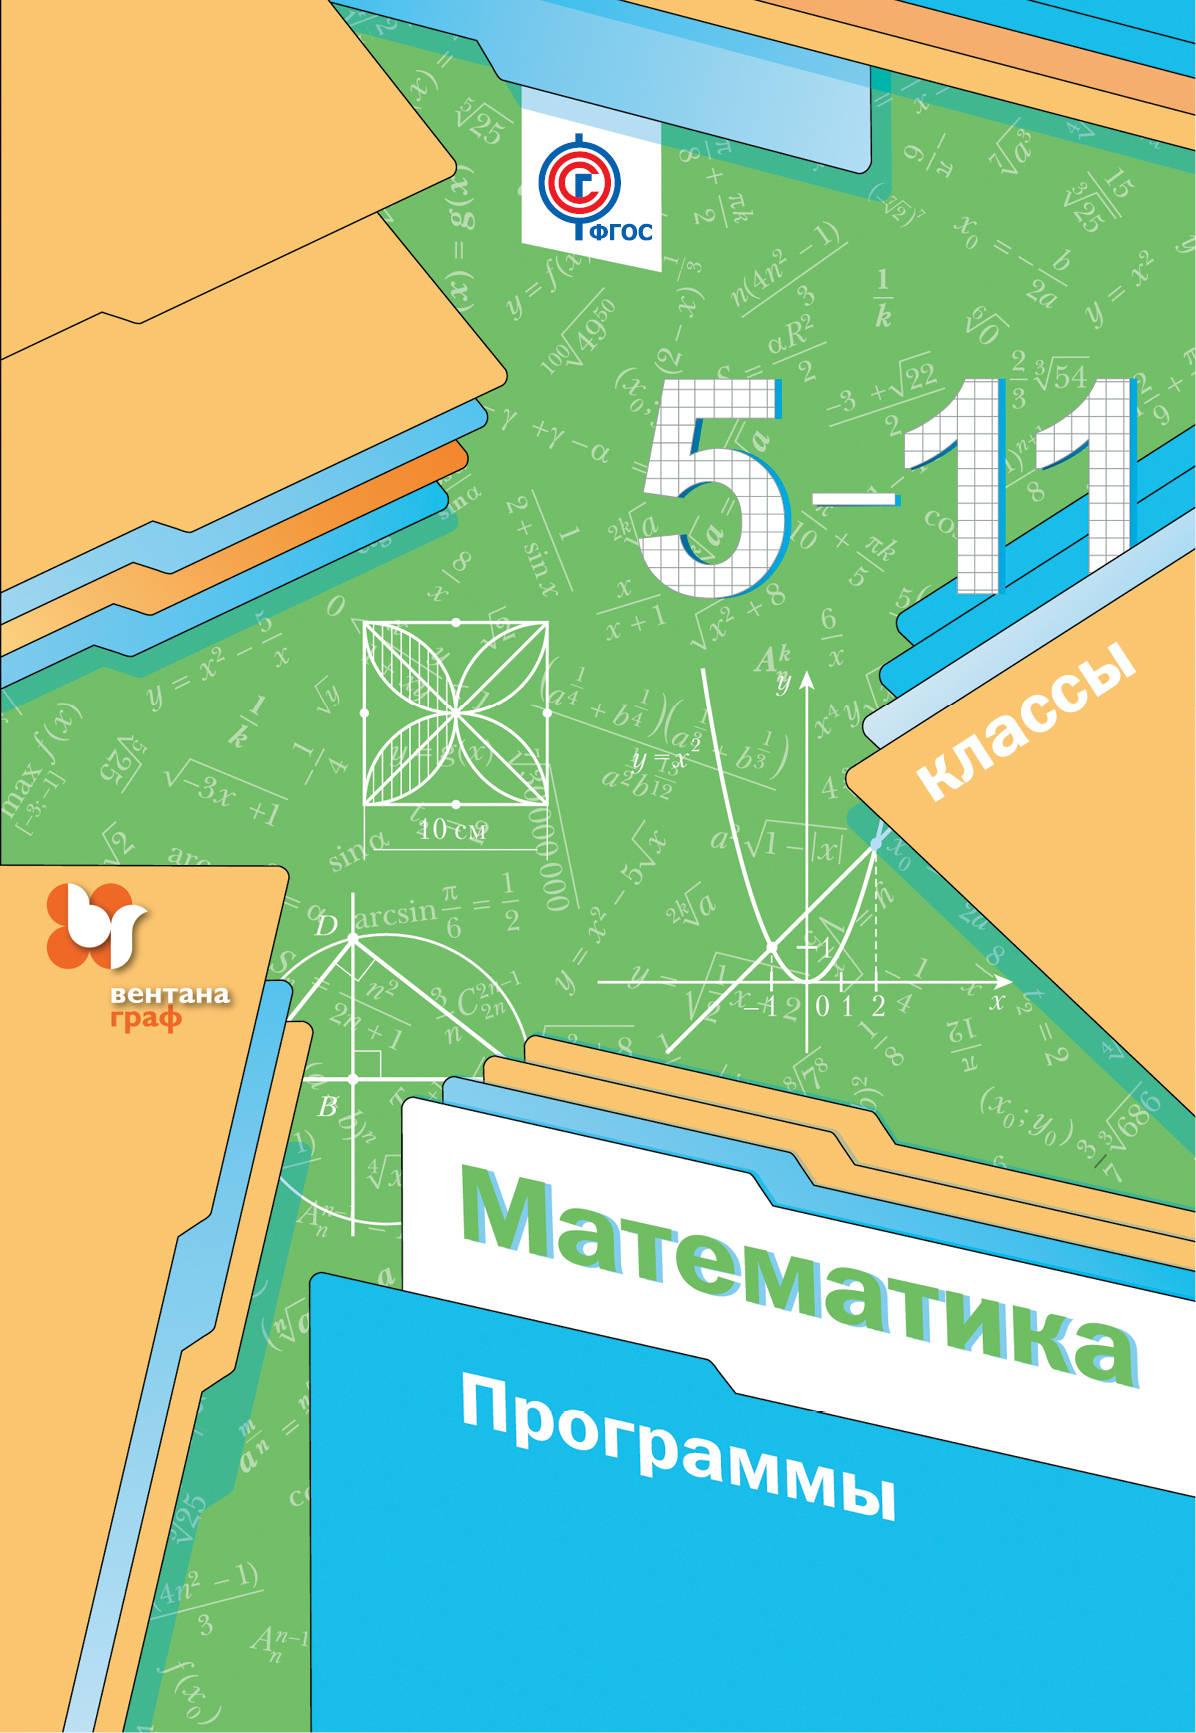 А. Г. Мерзляк, В. Б. Полонский, М. С. Якир, Е. В. Буцко Математика. 5-11классы. Программы муравина о в математика алгебра геометрия 5 9 классы рабочие программы